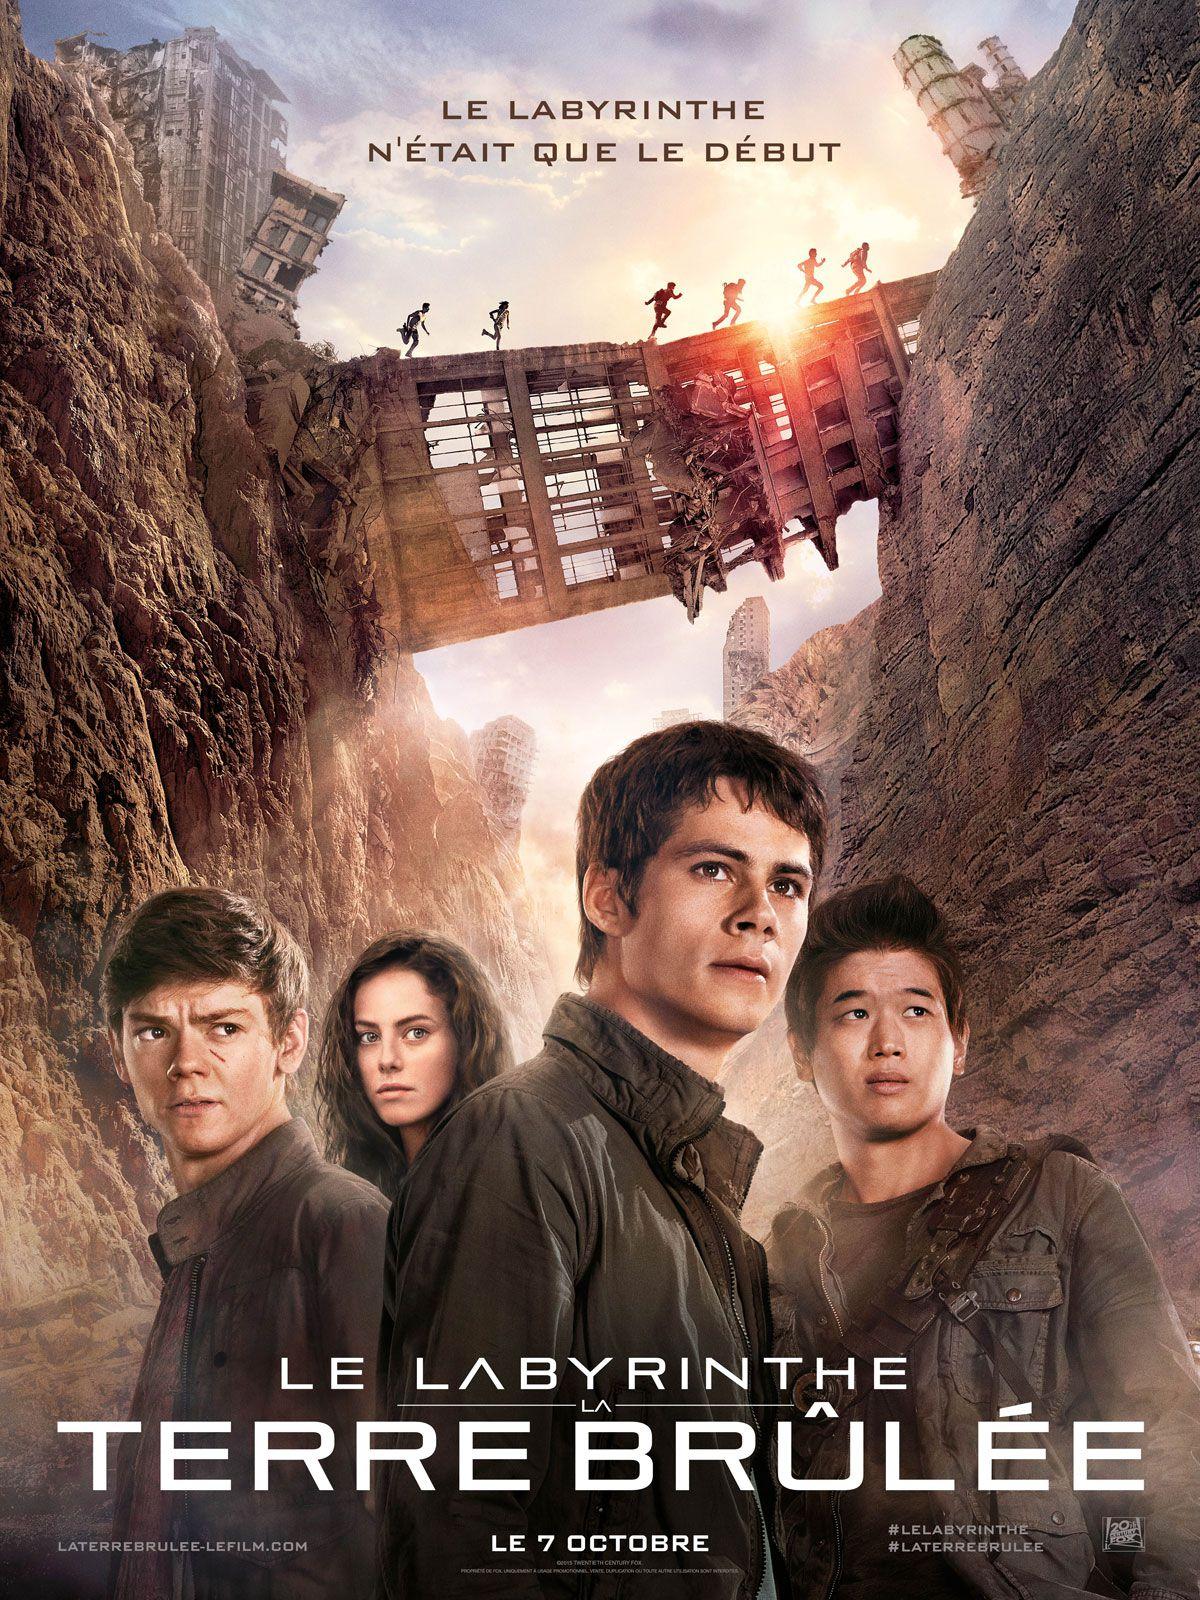 Le Labyrinthe : La Terre brûlée - Film (2015)